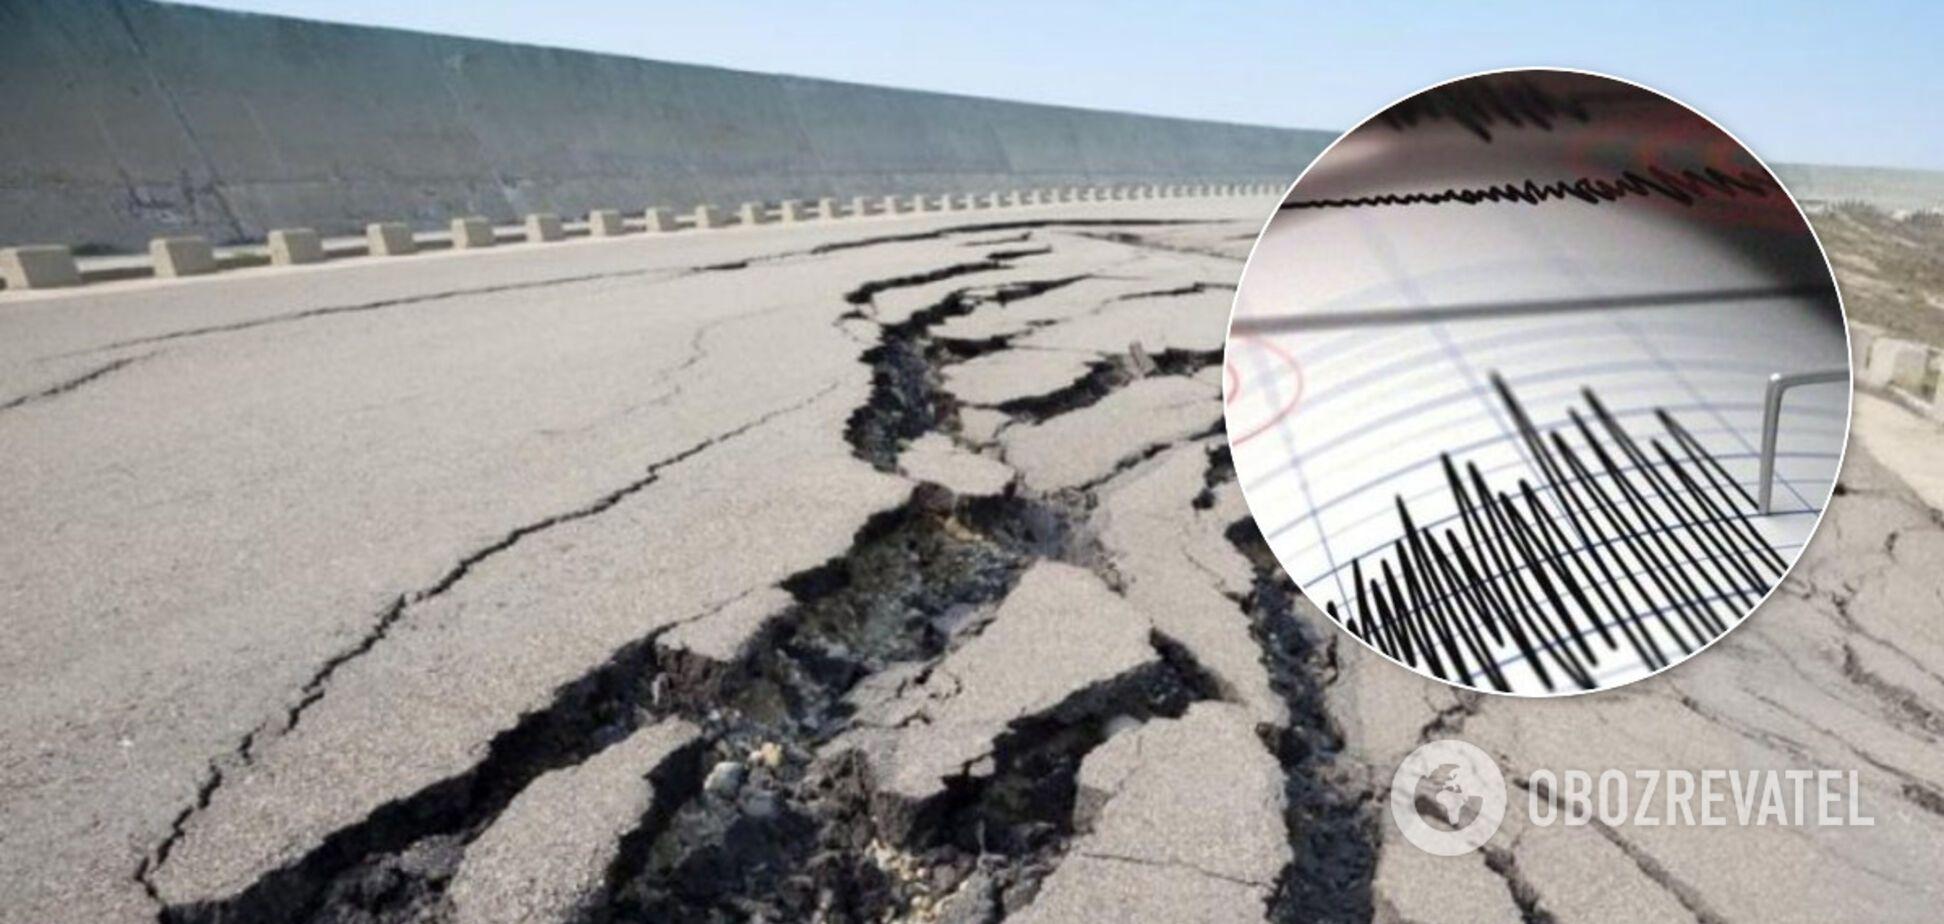 Землетруси в Україні почастішали: які регіони потрапляють під удар